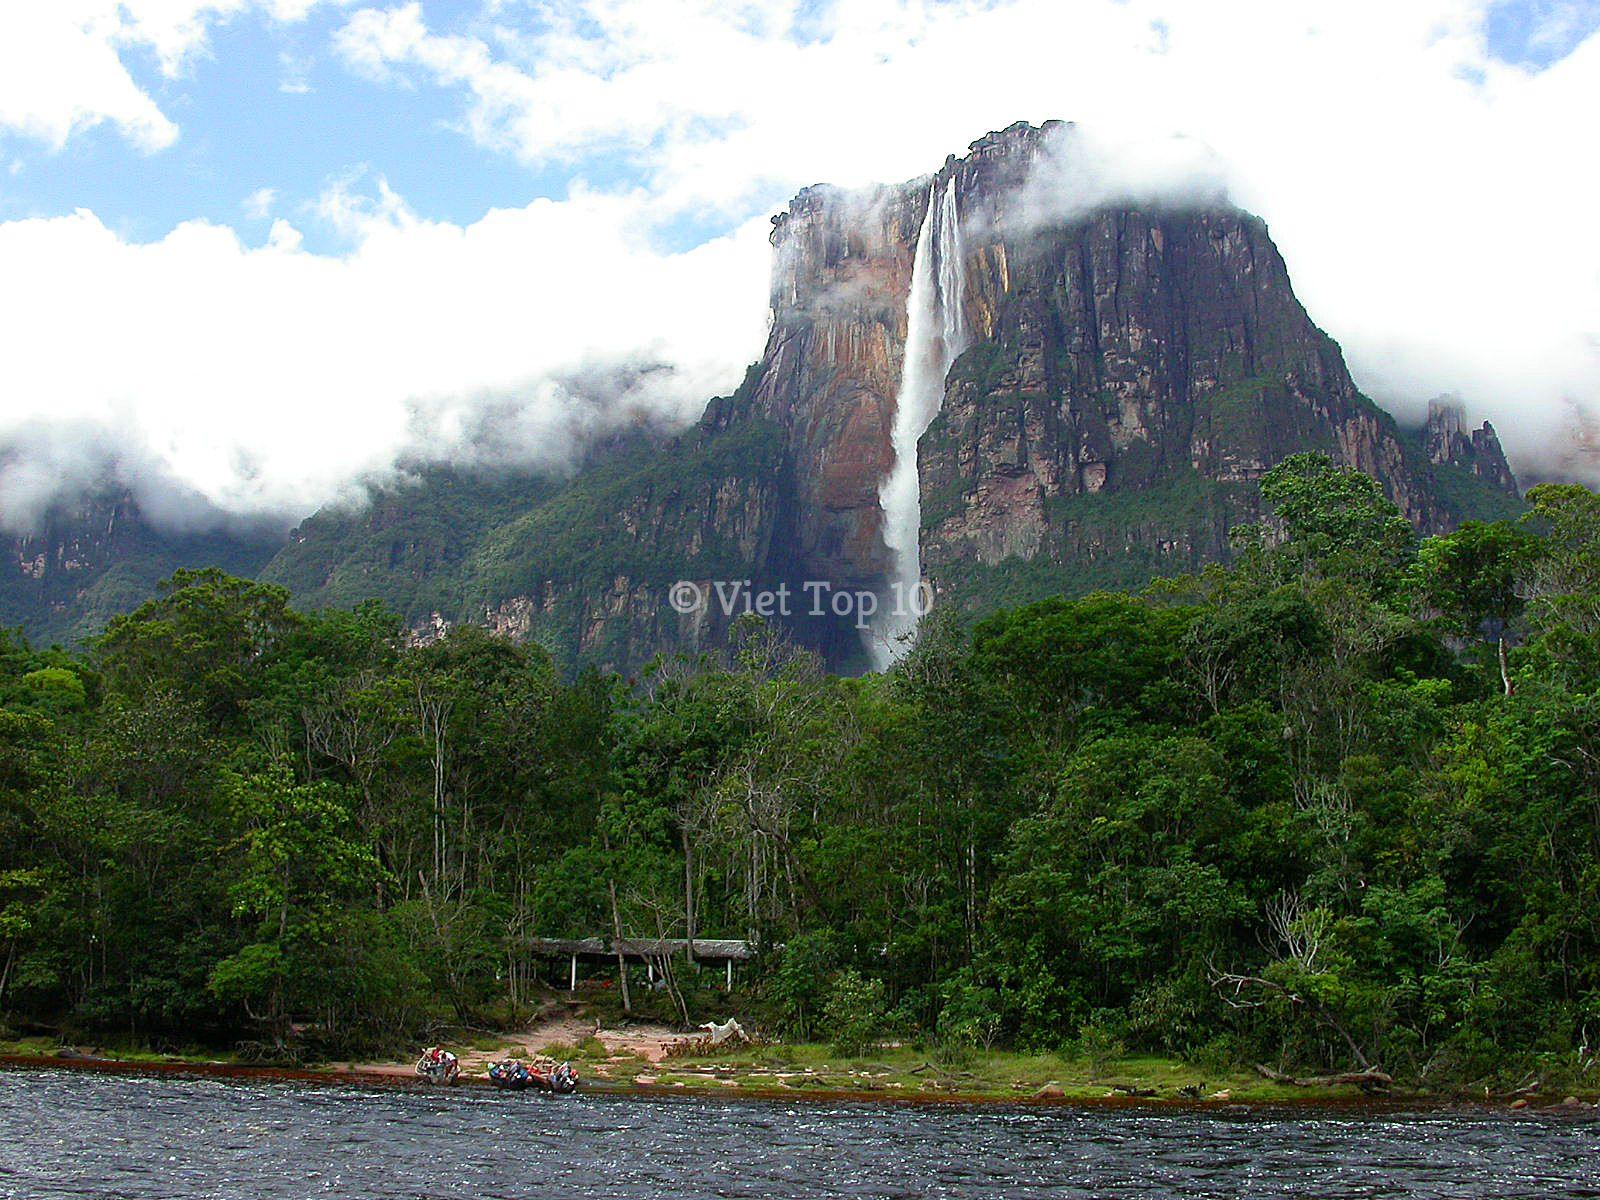 thác nước đẹp nhất hành tinh - việt top 10 - việt top 10 net - viettop10